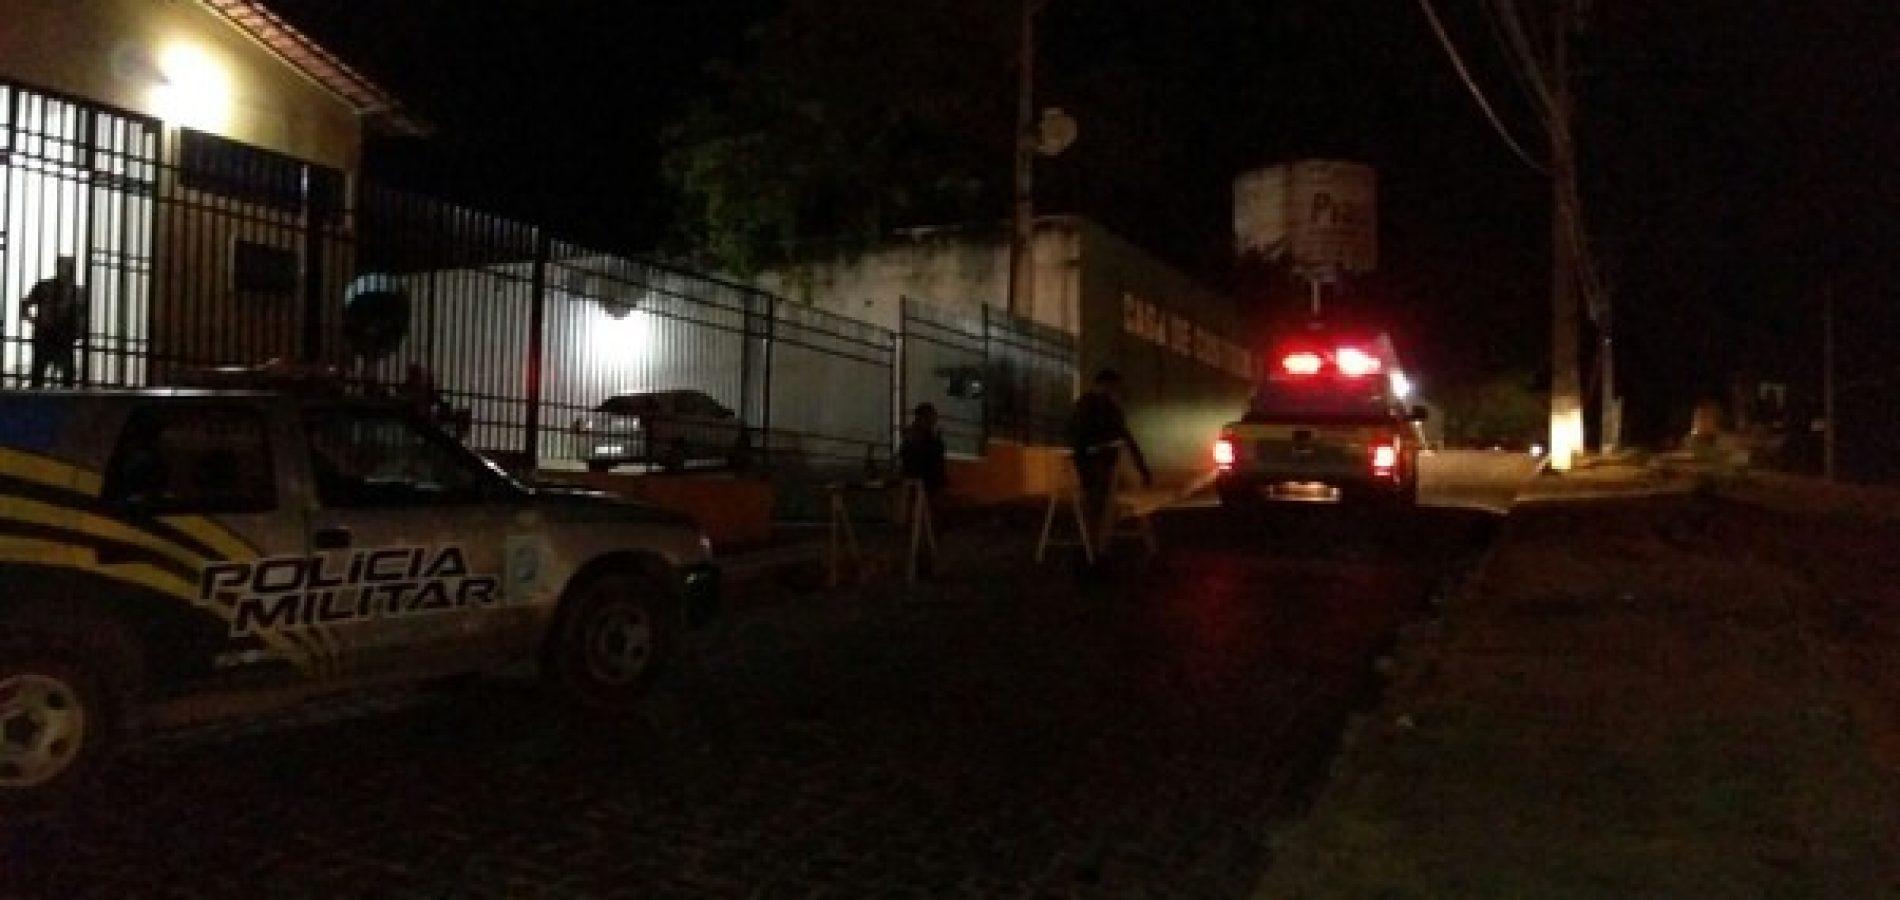 Polícia investiga se ordem de incêndio a ônibus partiu de presídio no Piauí